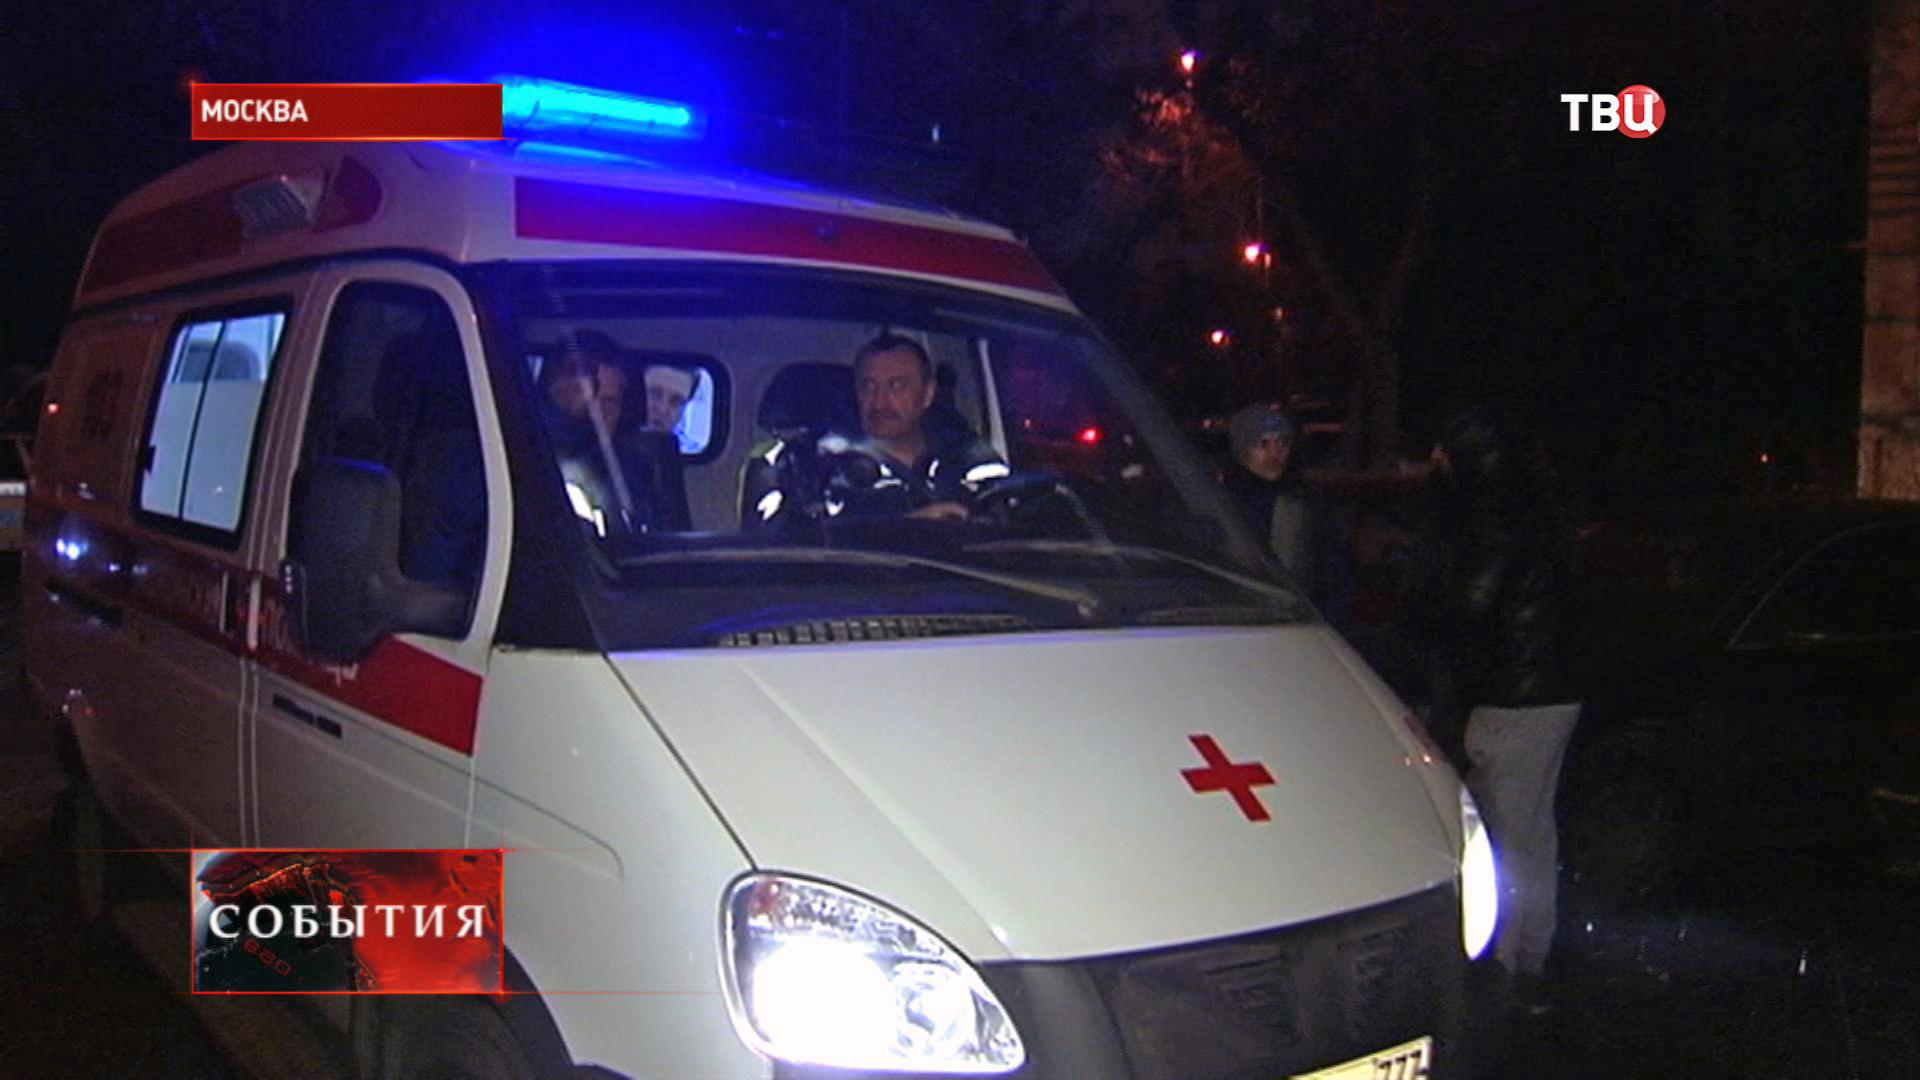 Скорая на месте пожара в Москве